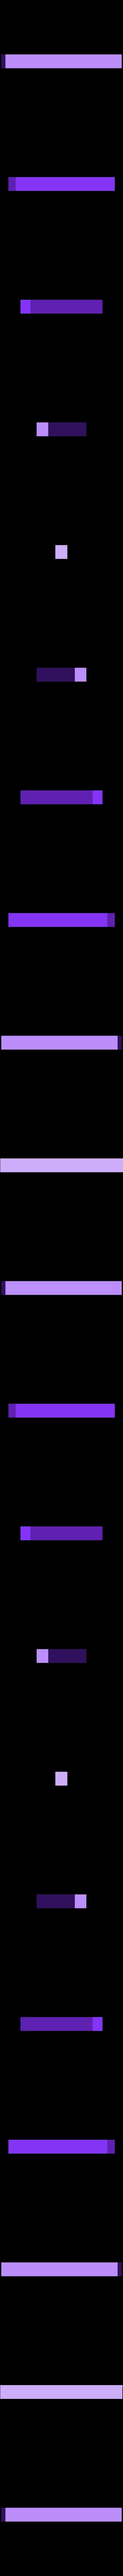 bridge_strut.stl Télécharger fichier STL gratuit Eau modulaire • Objet pour imprimante 3D, Earsling